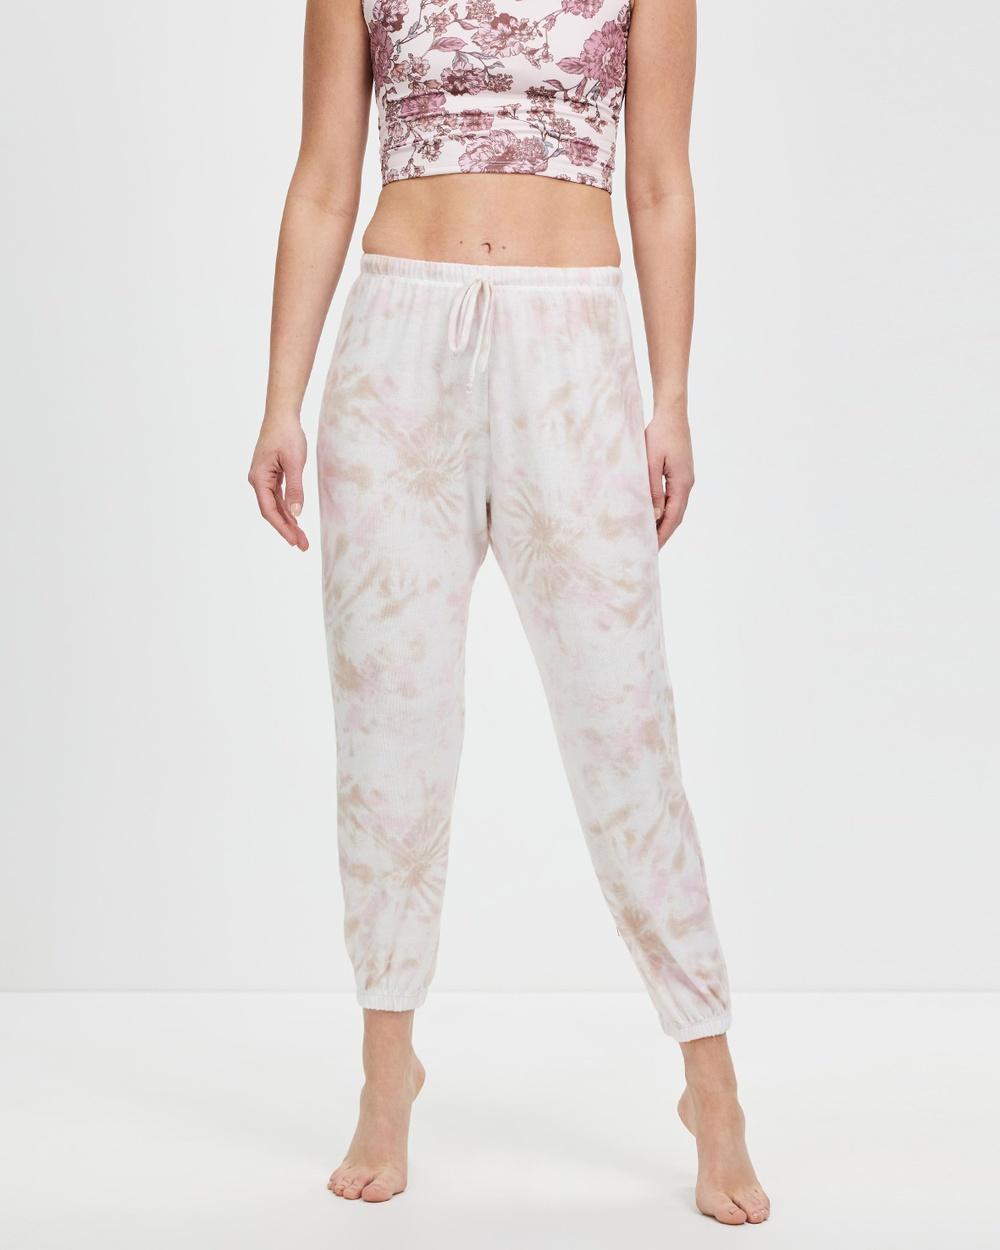 Onzie Weekend Sweatpants Track Pants Rose Quartz Tie Dye